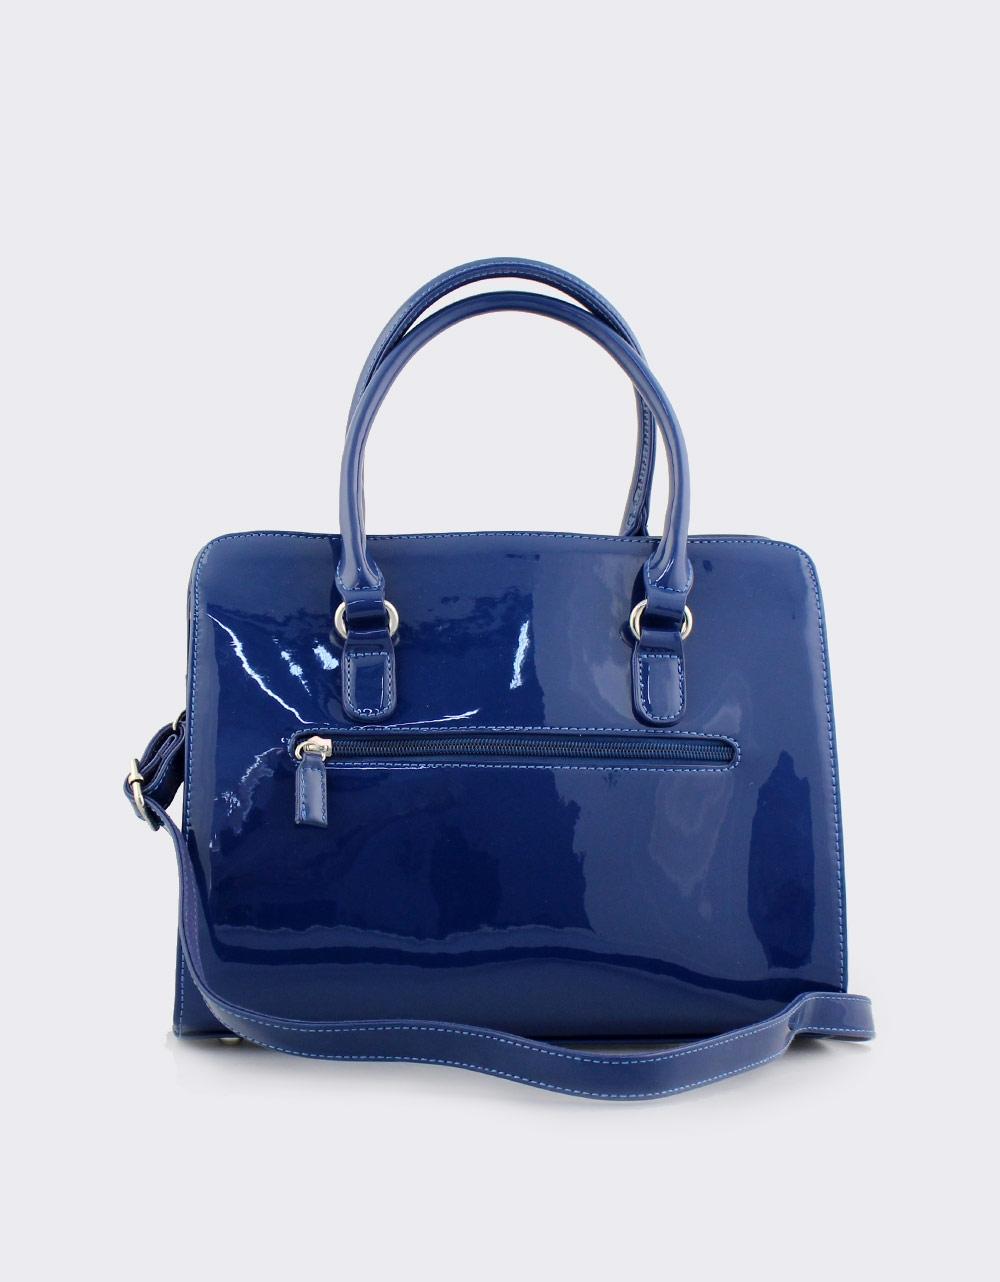 Εικόνα από Γυναικείες τσάντες χειρός λουστρίνι Μπλε